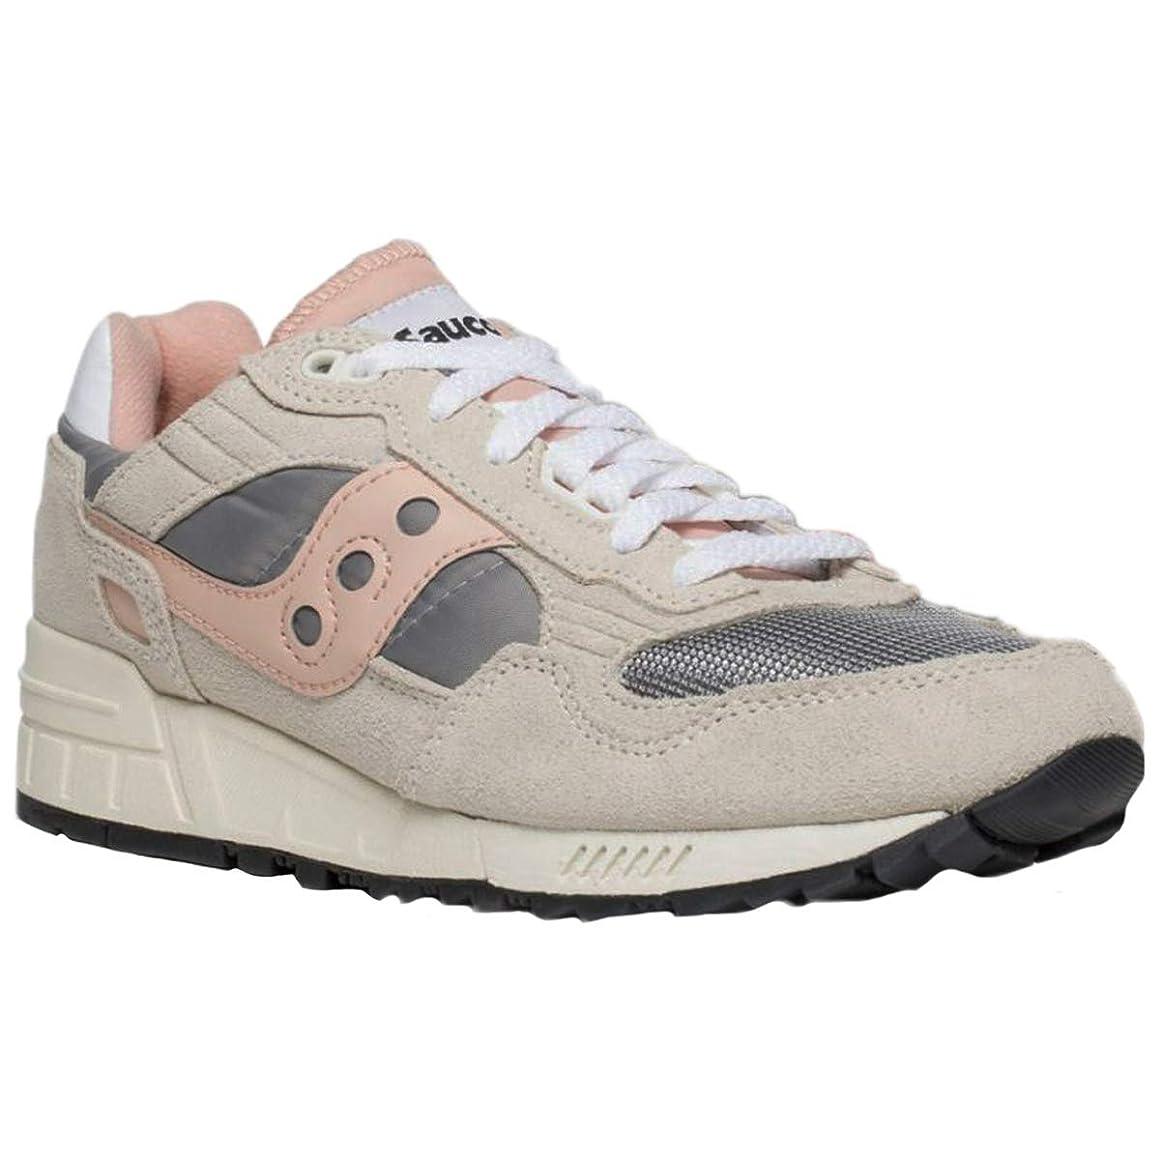 船員たぶん系統的Saucony Shadow Vintage, Shoe for Women 25,5 White